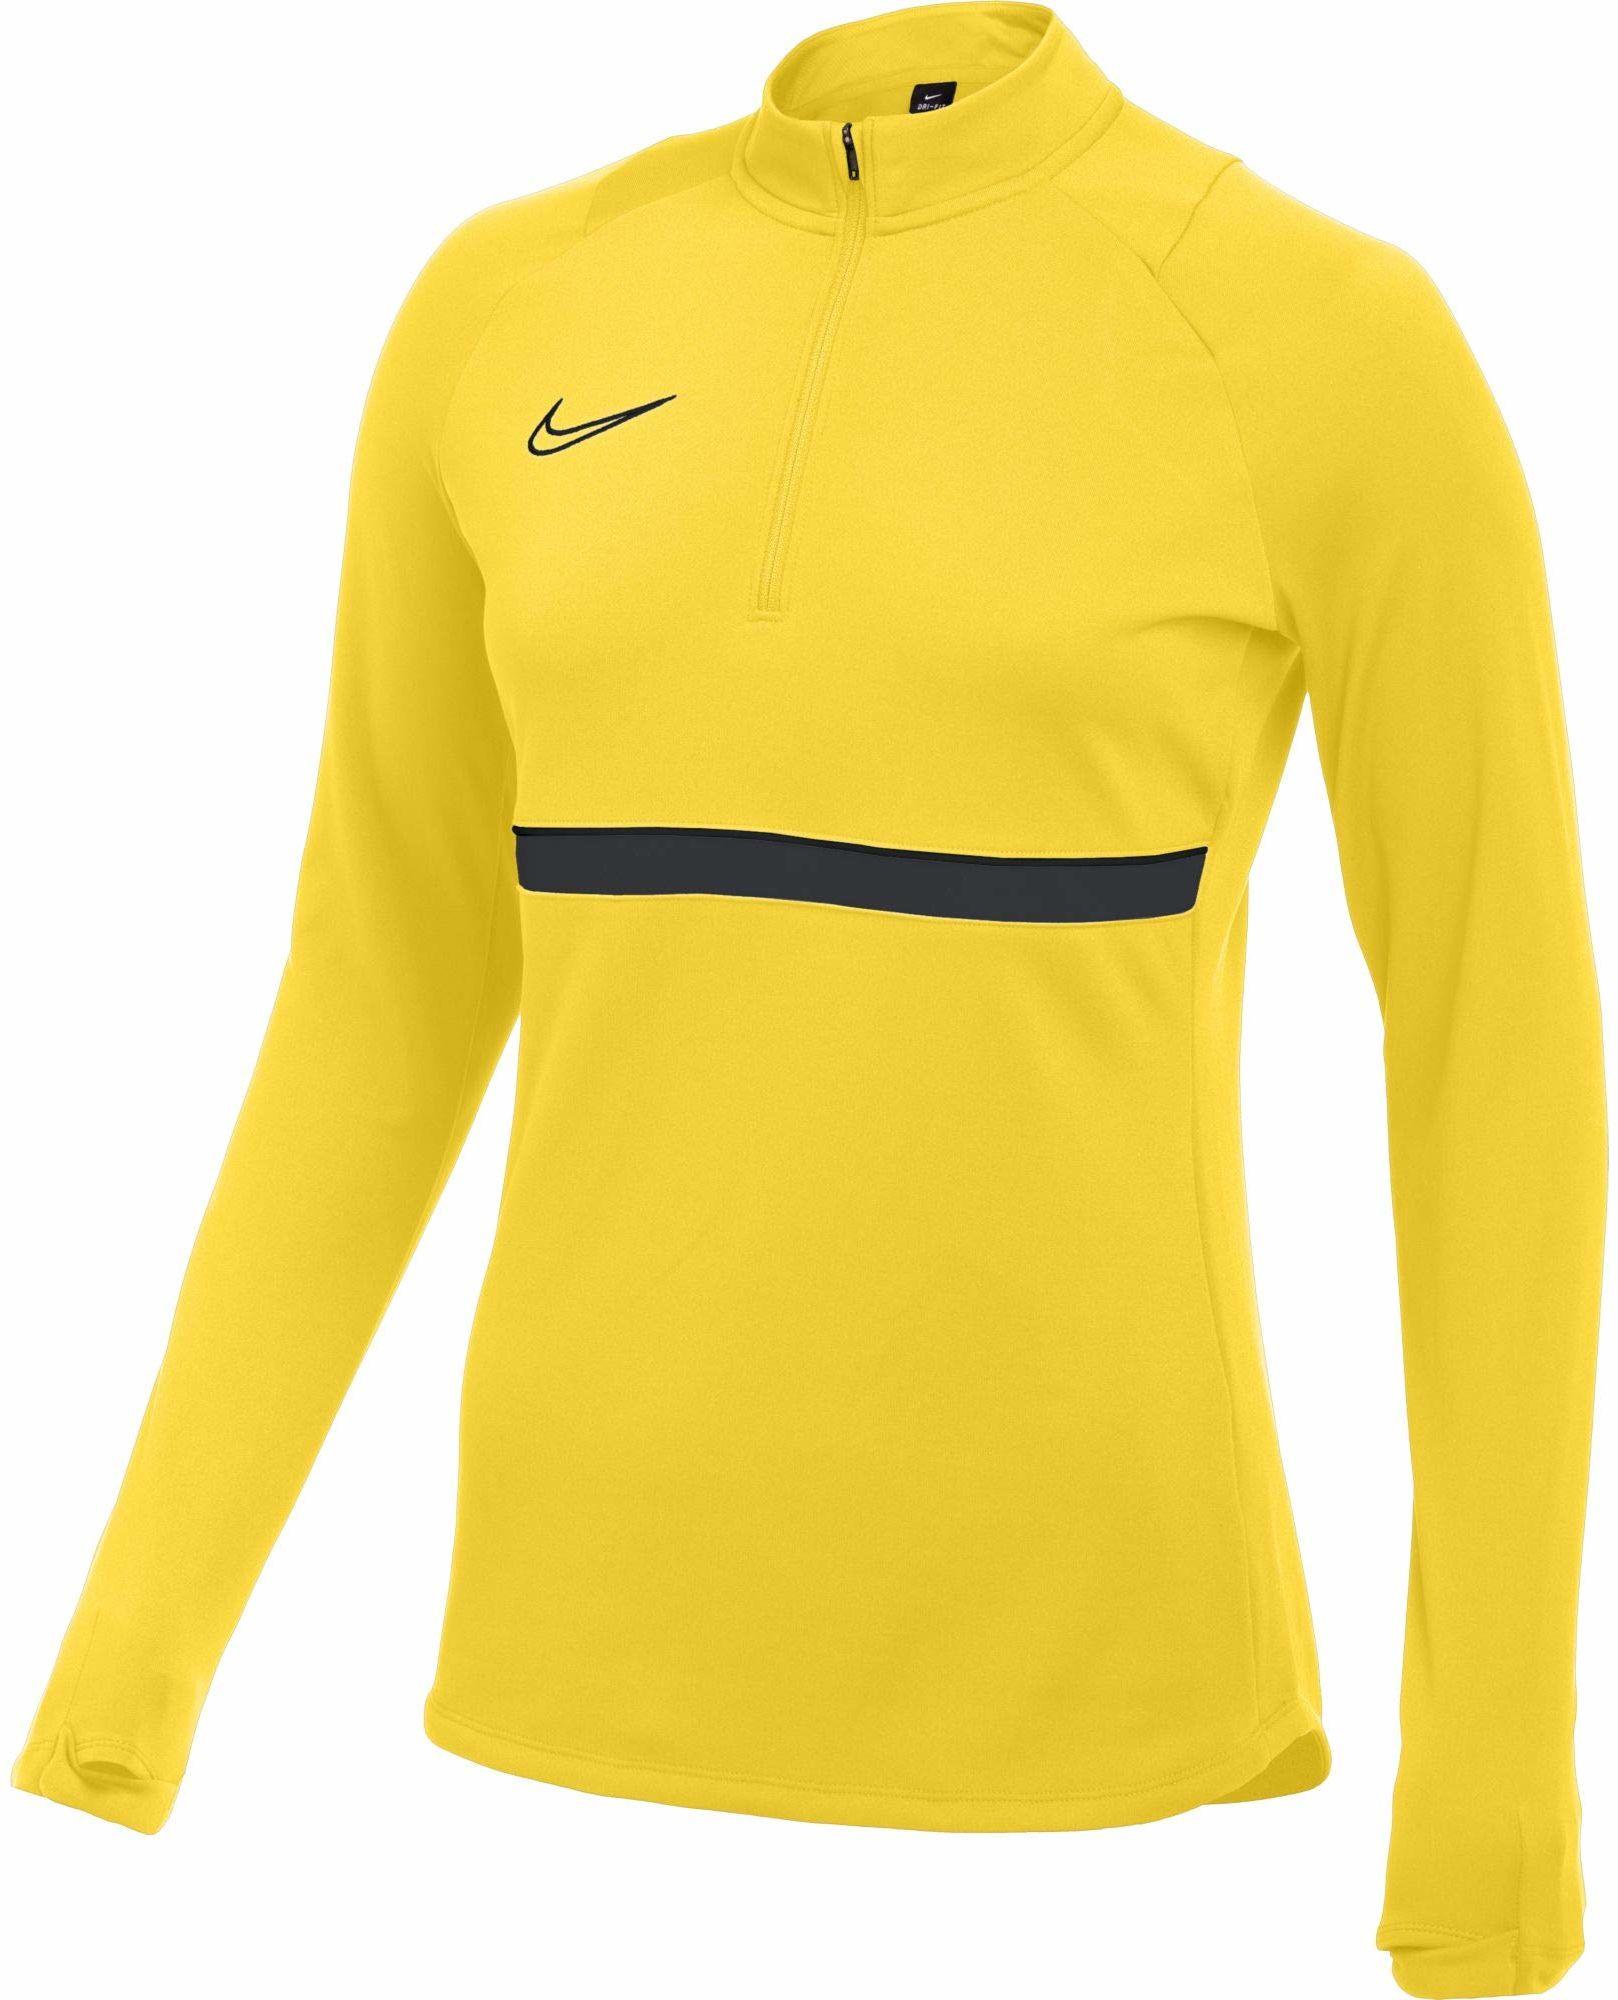 Nike Damska bluza treningowa Academy 21 Drill Top Tour żółty/czarny/antracytowy/czarny M